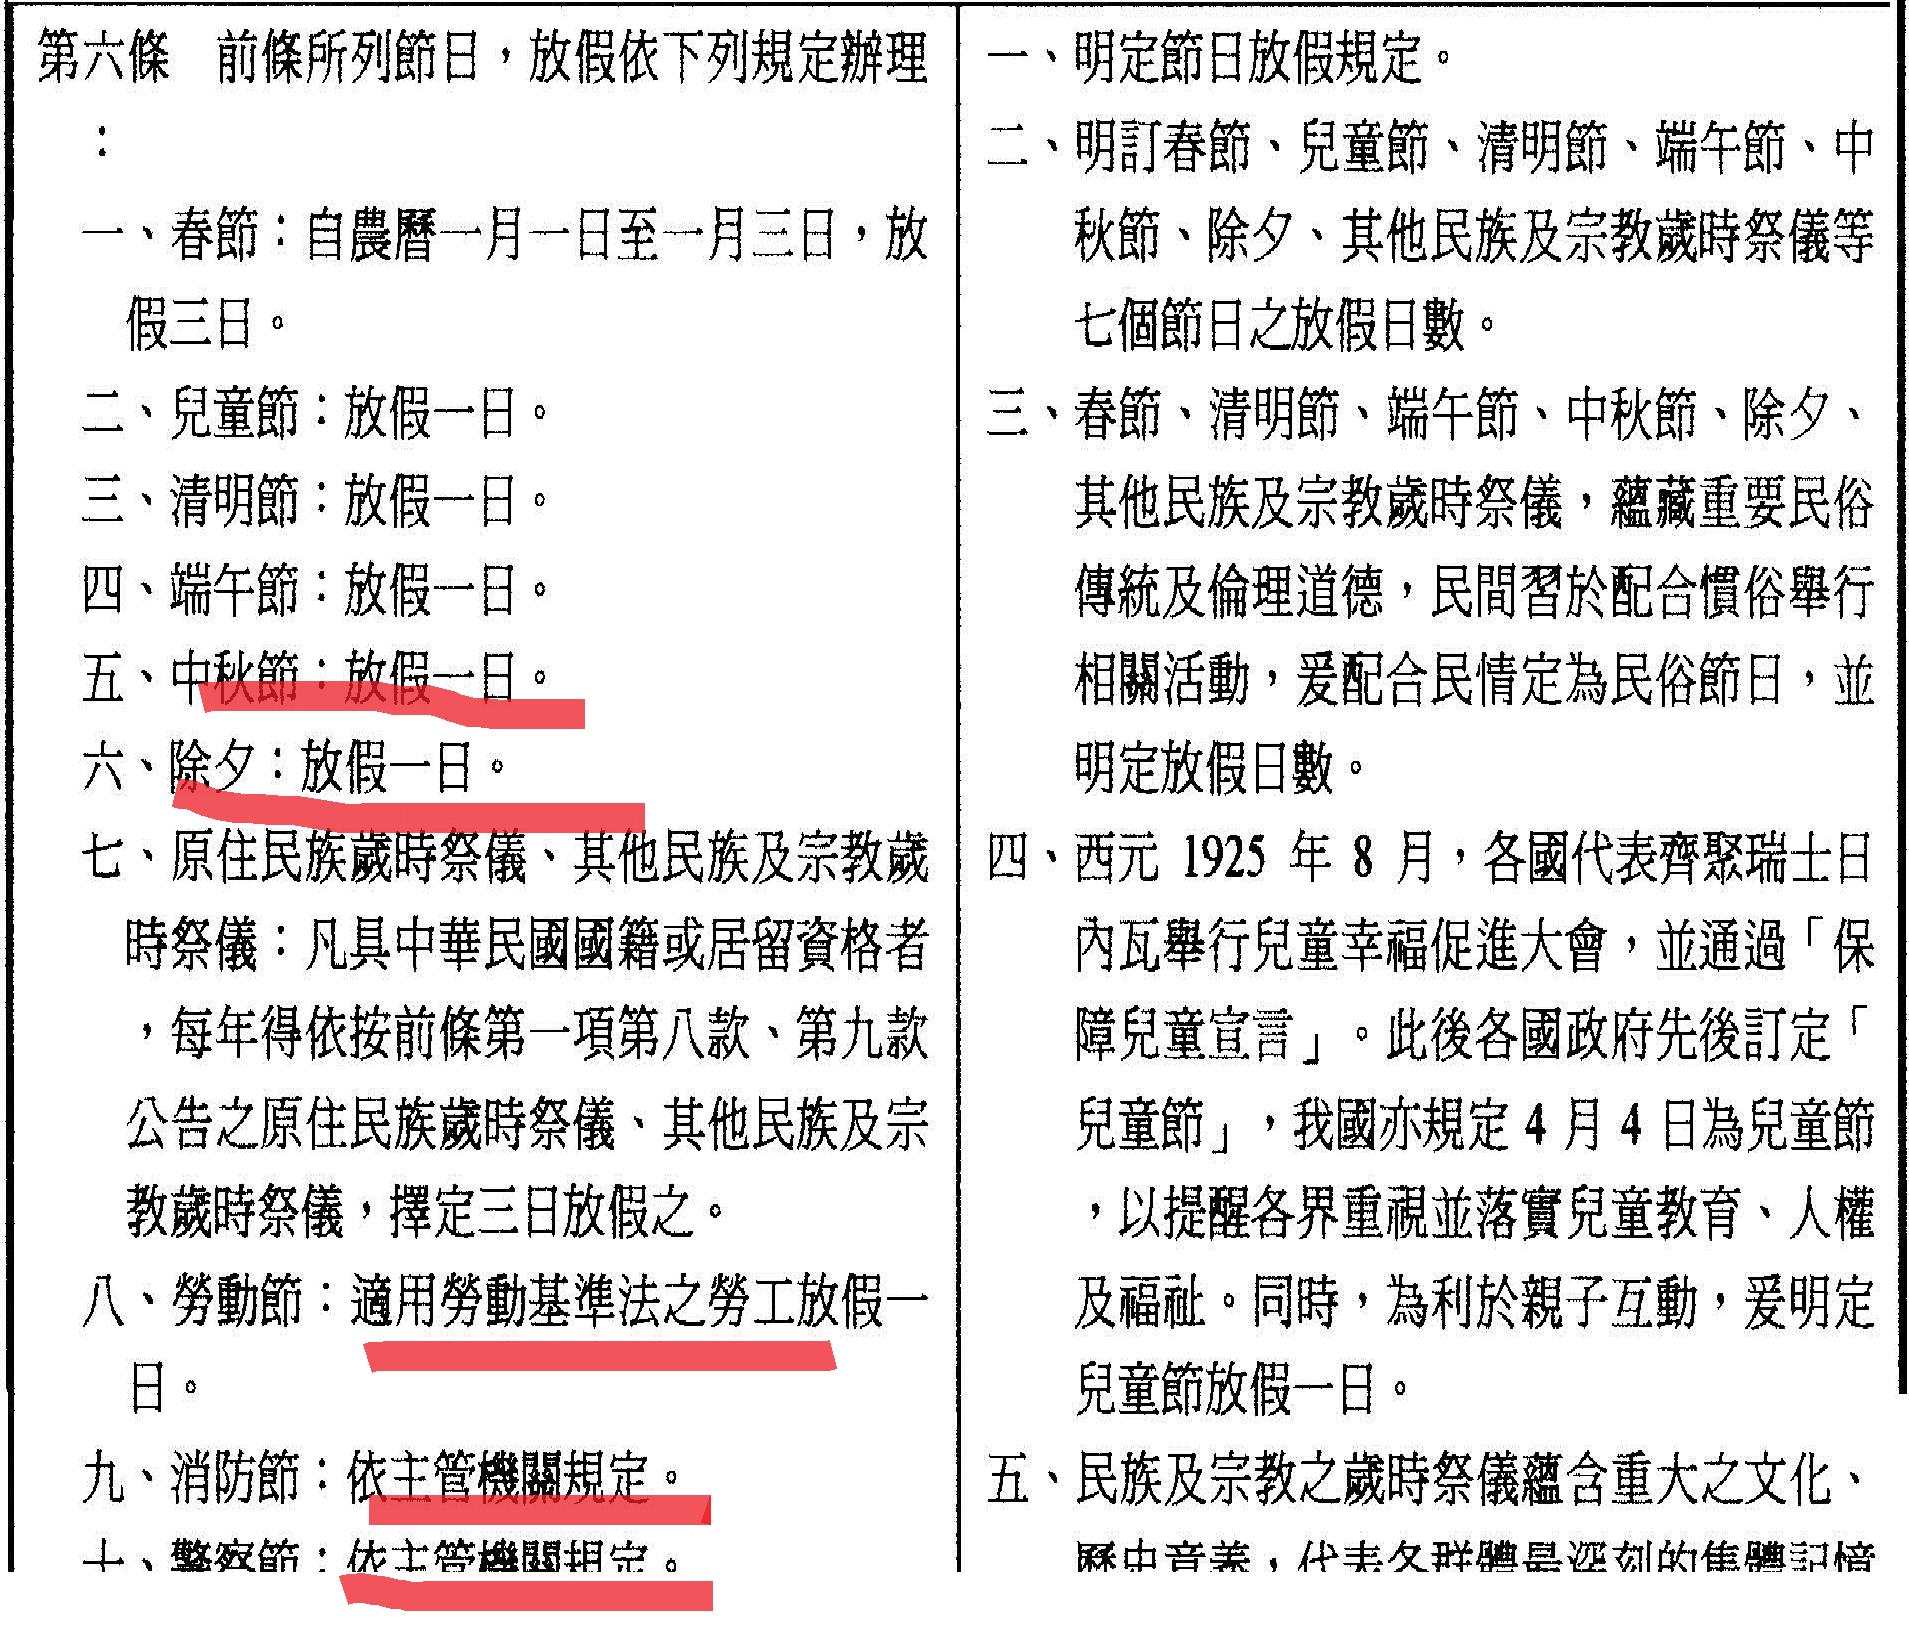 紀念日及節日實施條例草案第六條